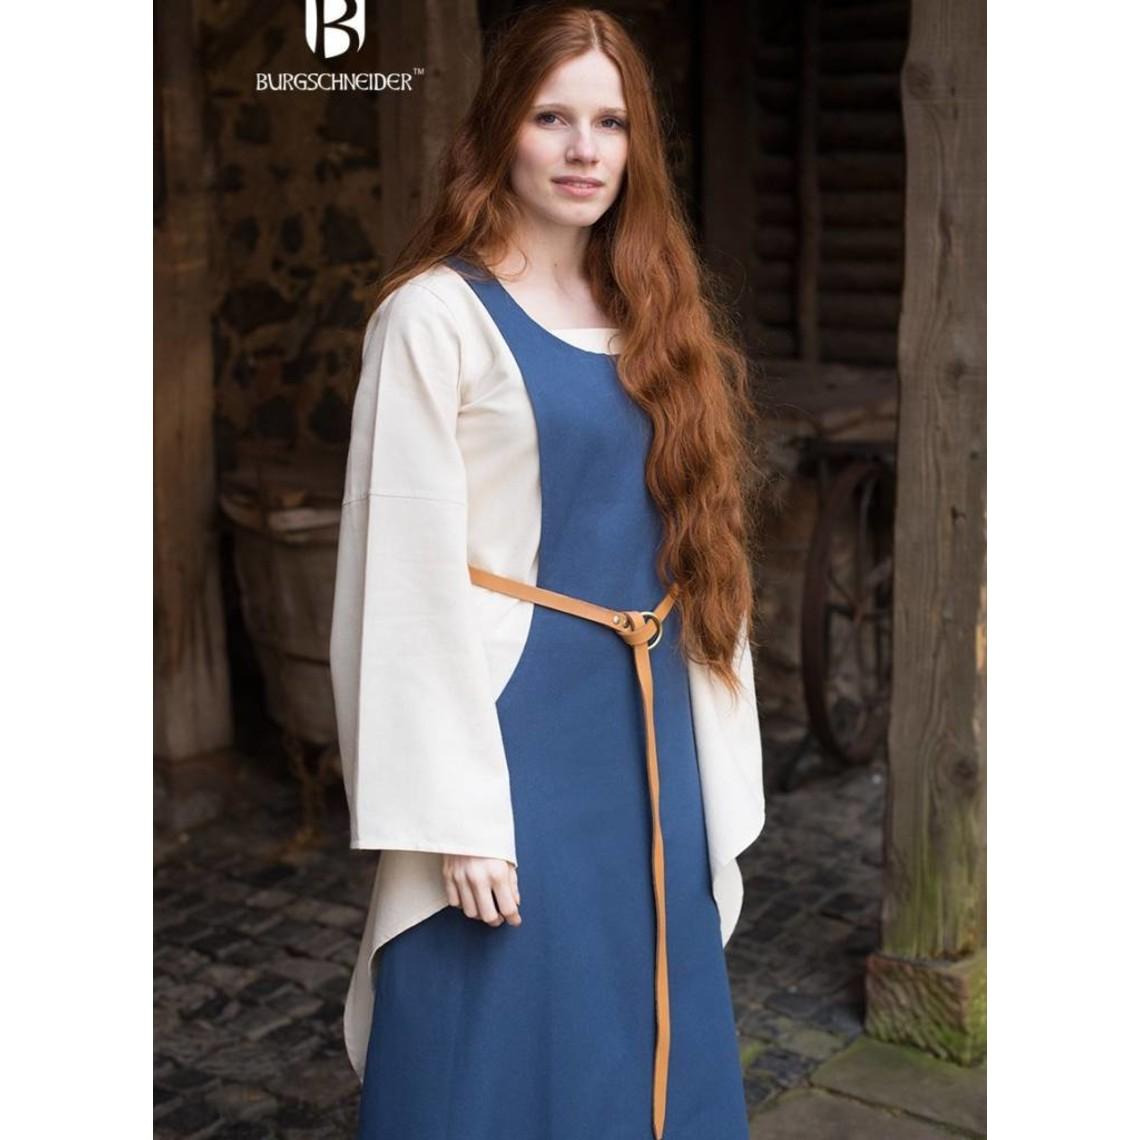 Burgschneider Surcotte Isabella, blauw